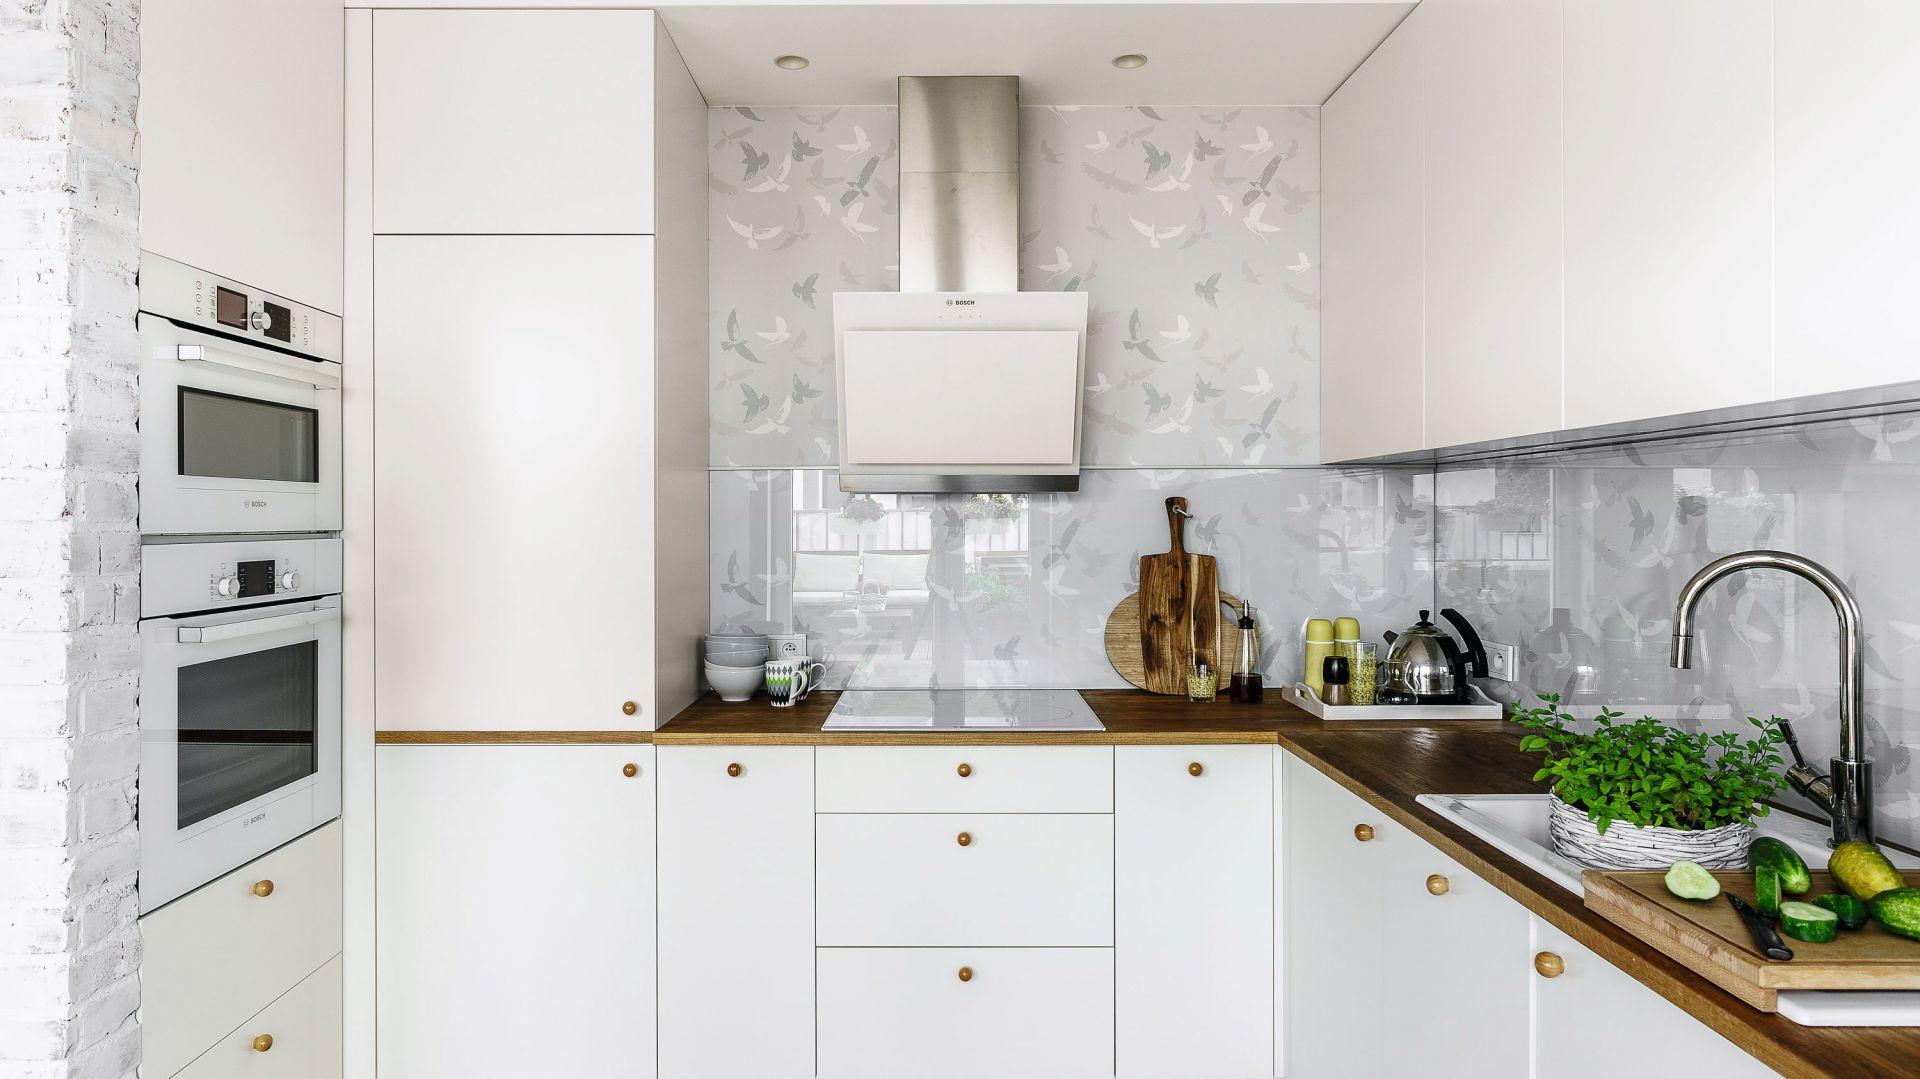 Kuchnia w bloku. Propozycje urządzenia w kształcie litery U. Projekt Saje Architekci.